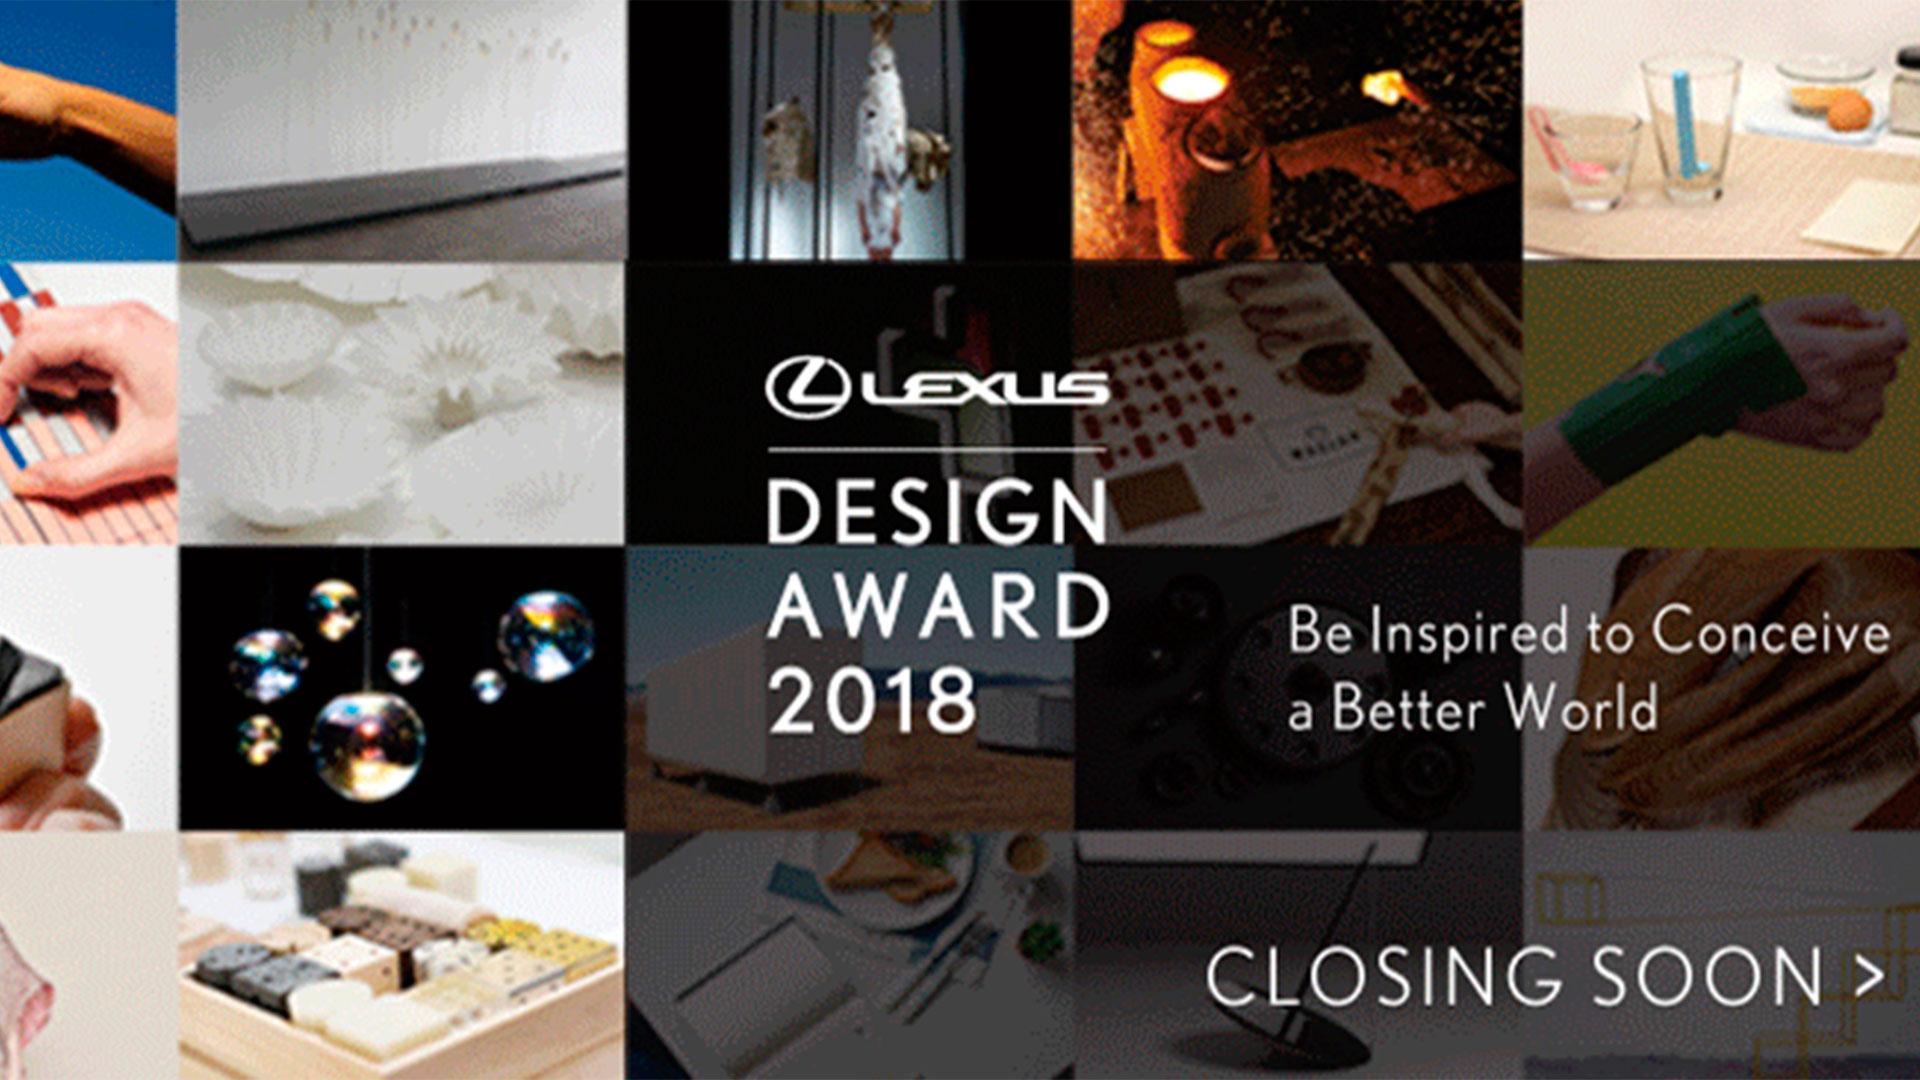 El prefijo Co sirve de inspiración para el evento Lexus Design Award 2018